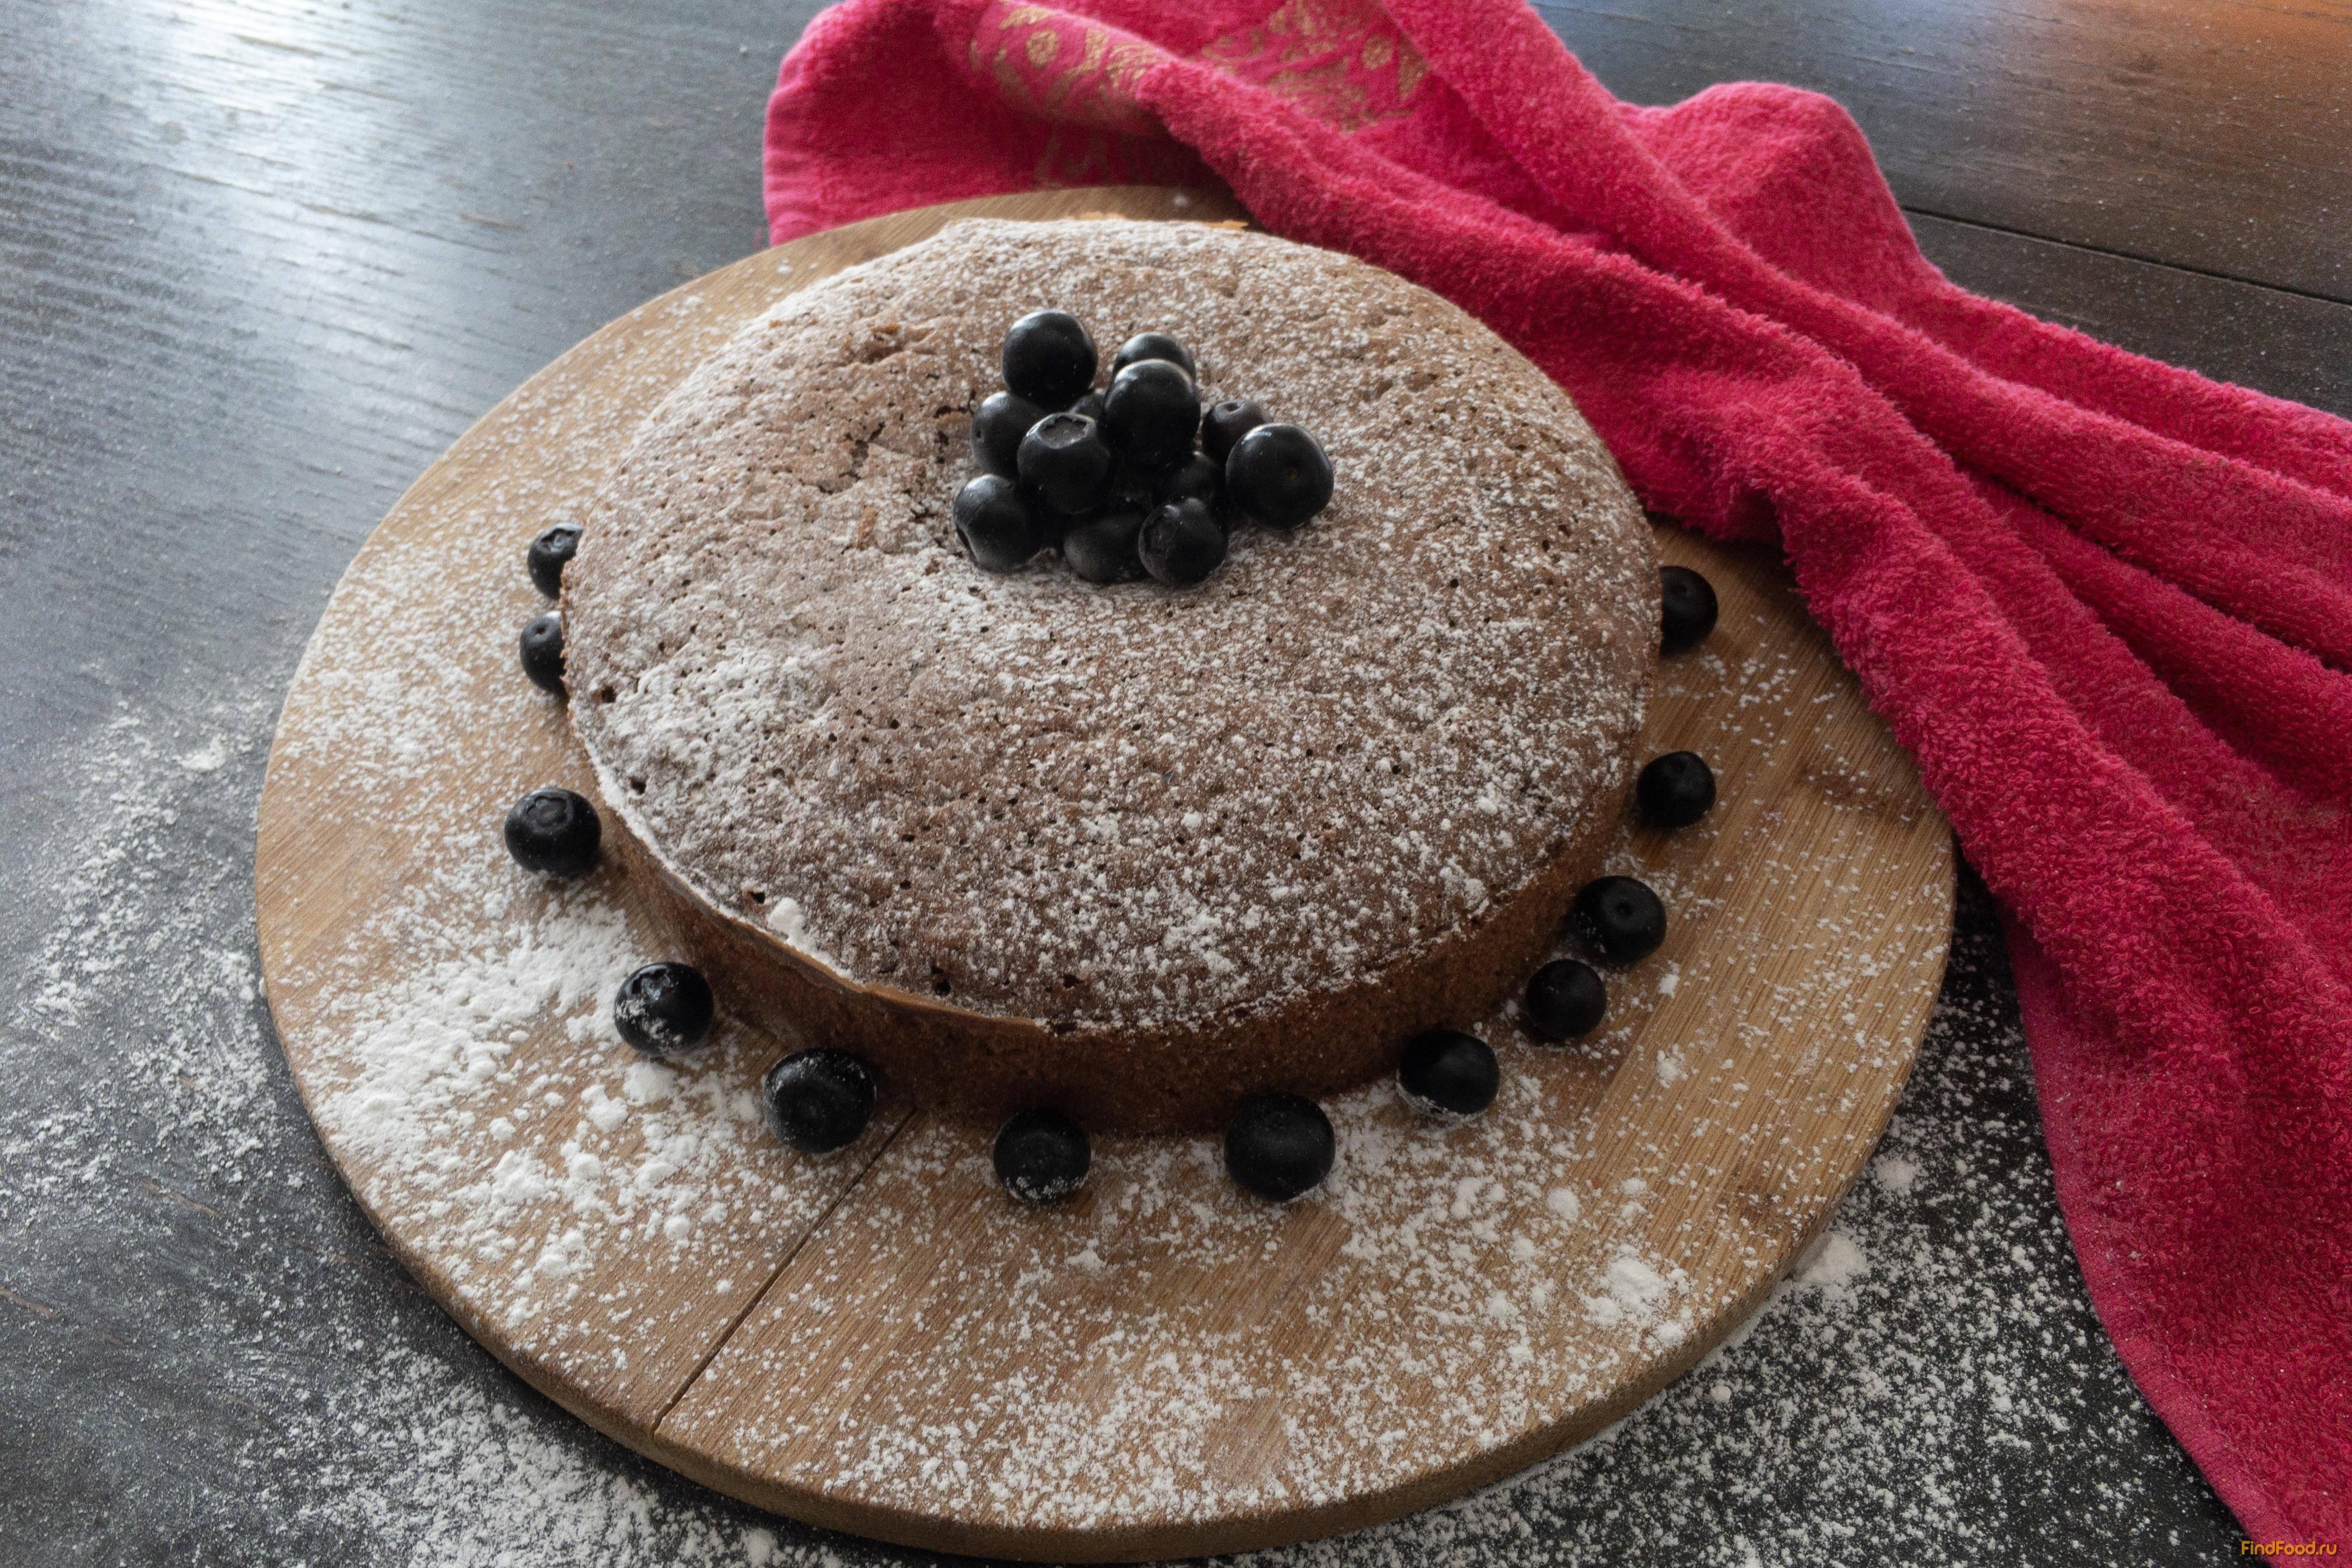 Как приготовить жидкое (заливное) тесто для пирога по рецепту